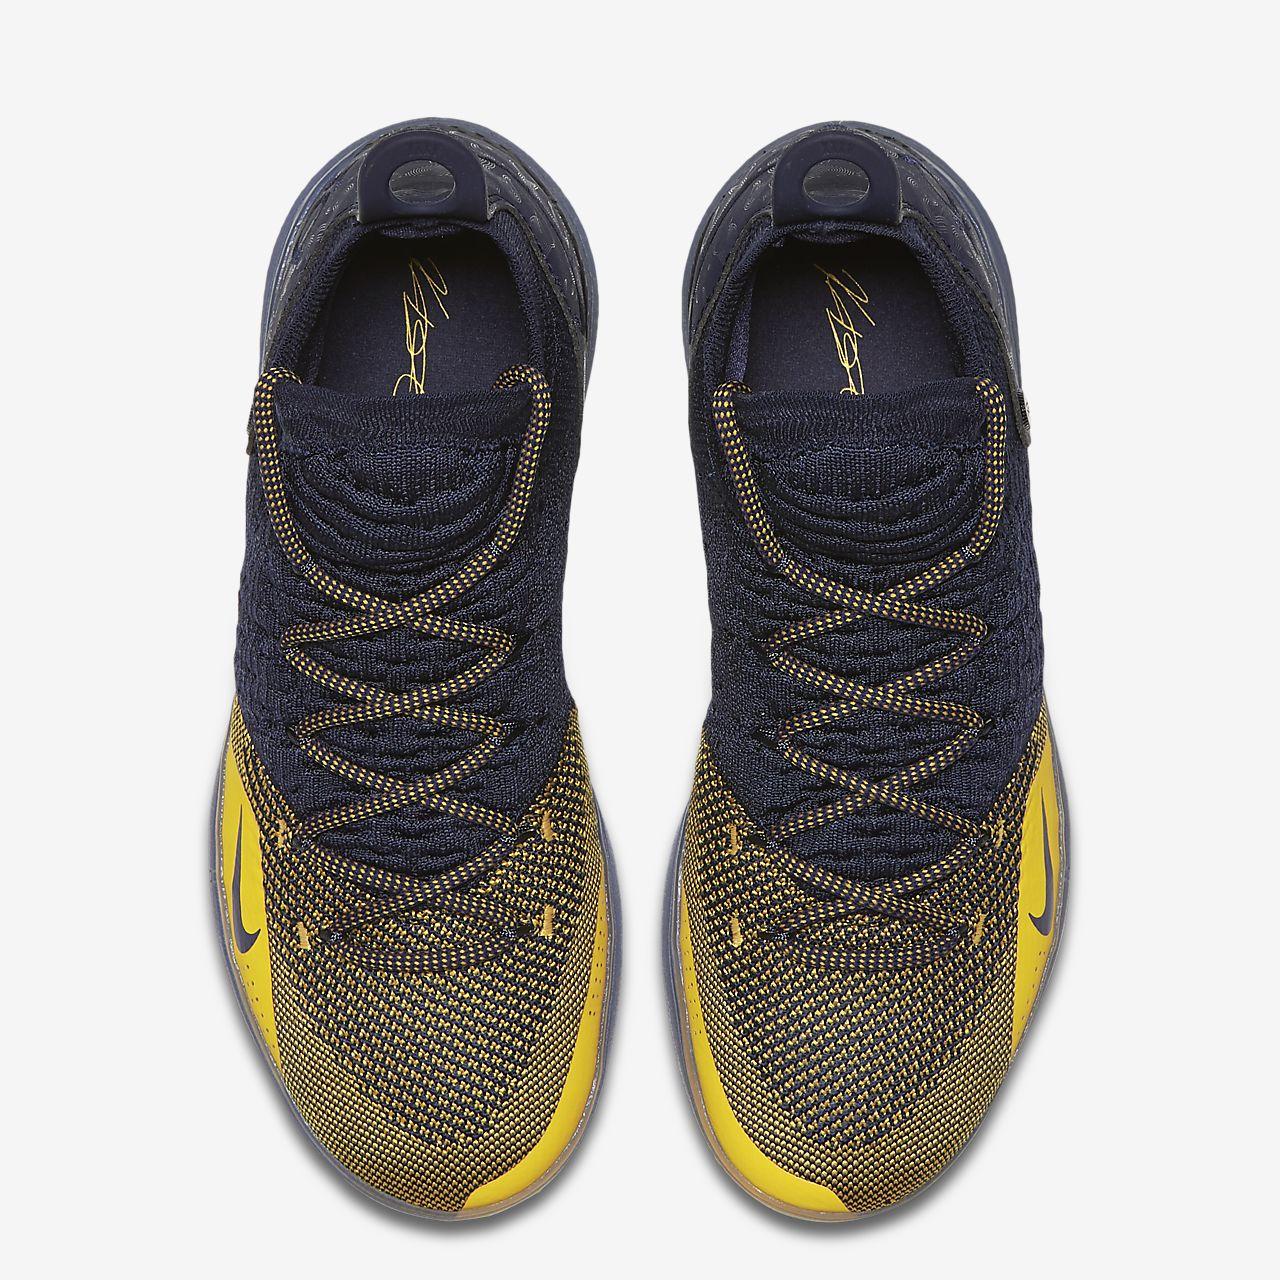 888f44794ccac Calzado de básquetbol Nike Zoom KD11. Nike.com MX